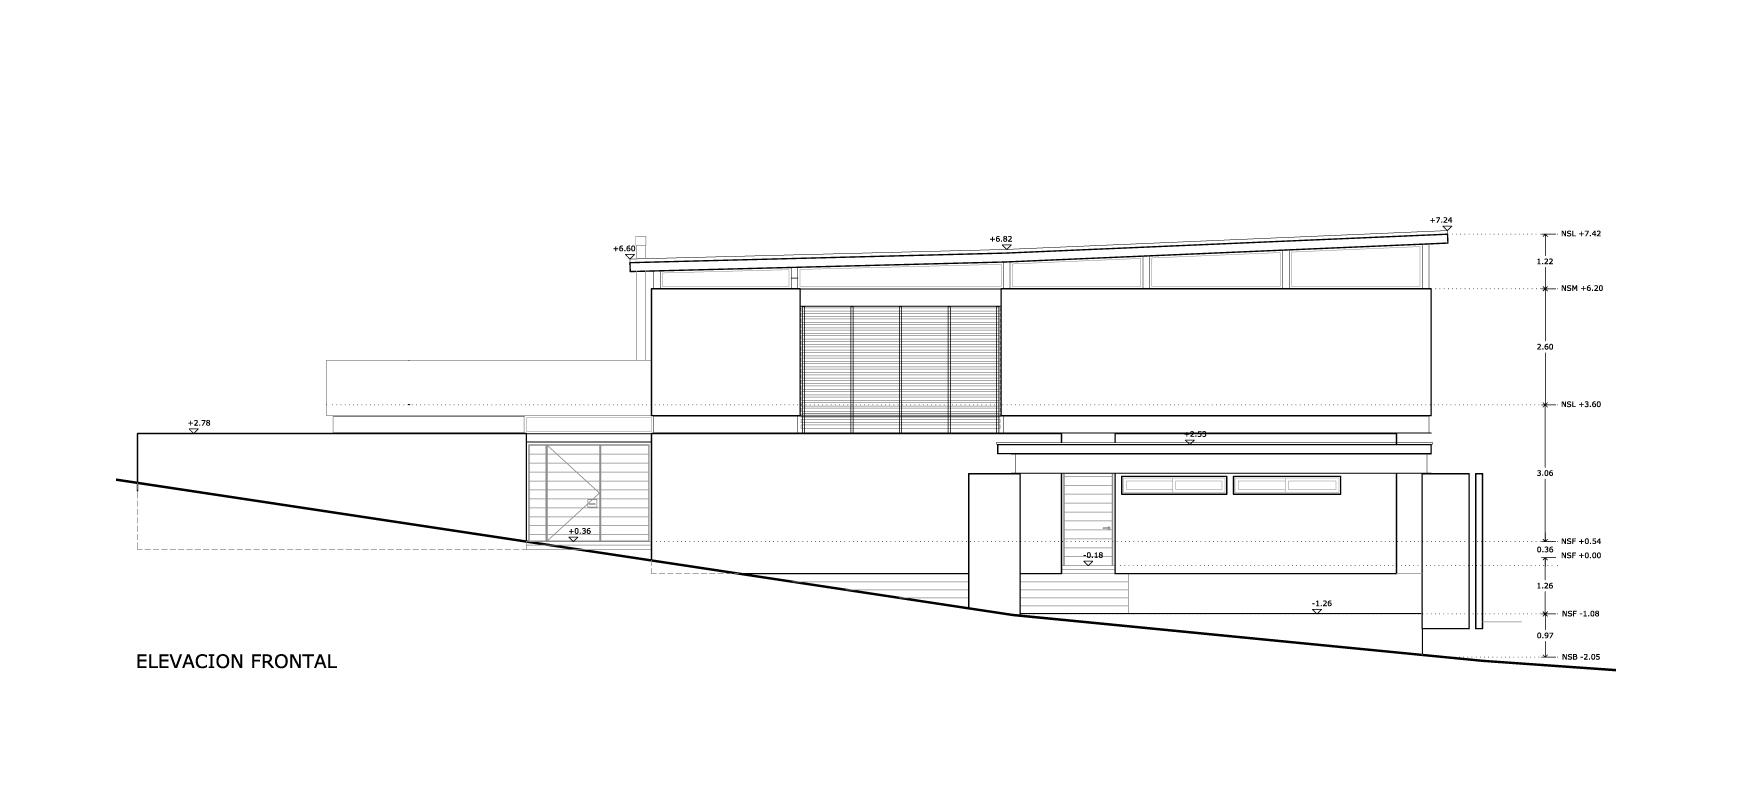 Planos de Elevación Frontal de Bambara Street de Shaun Lockyer Architects